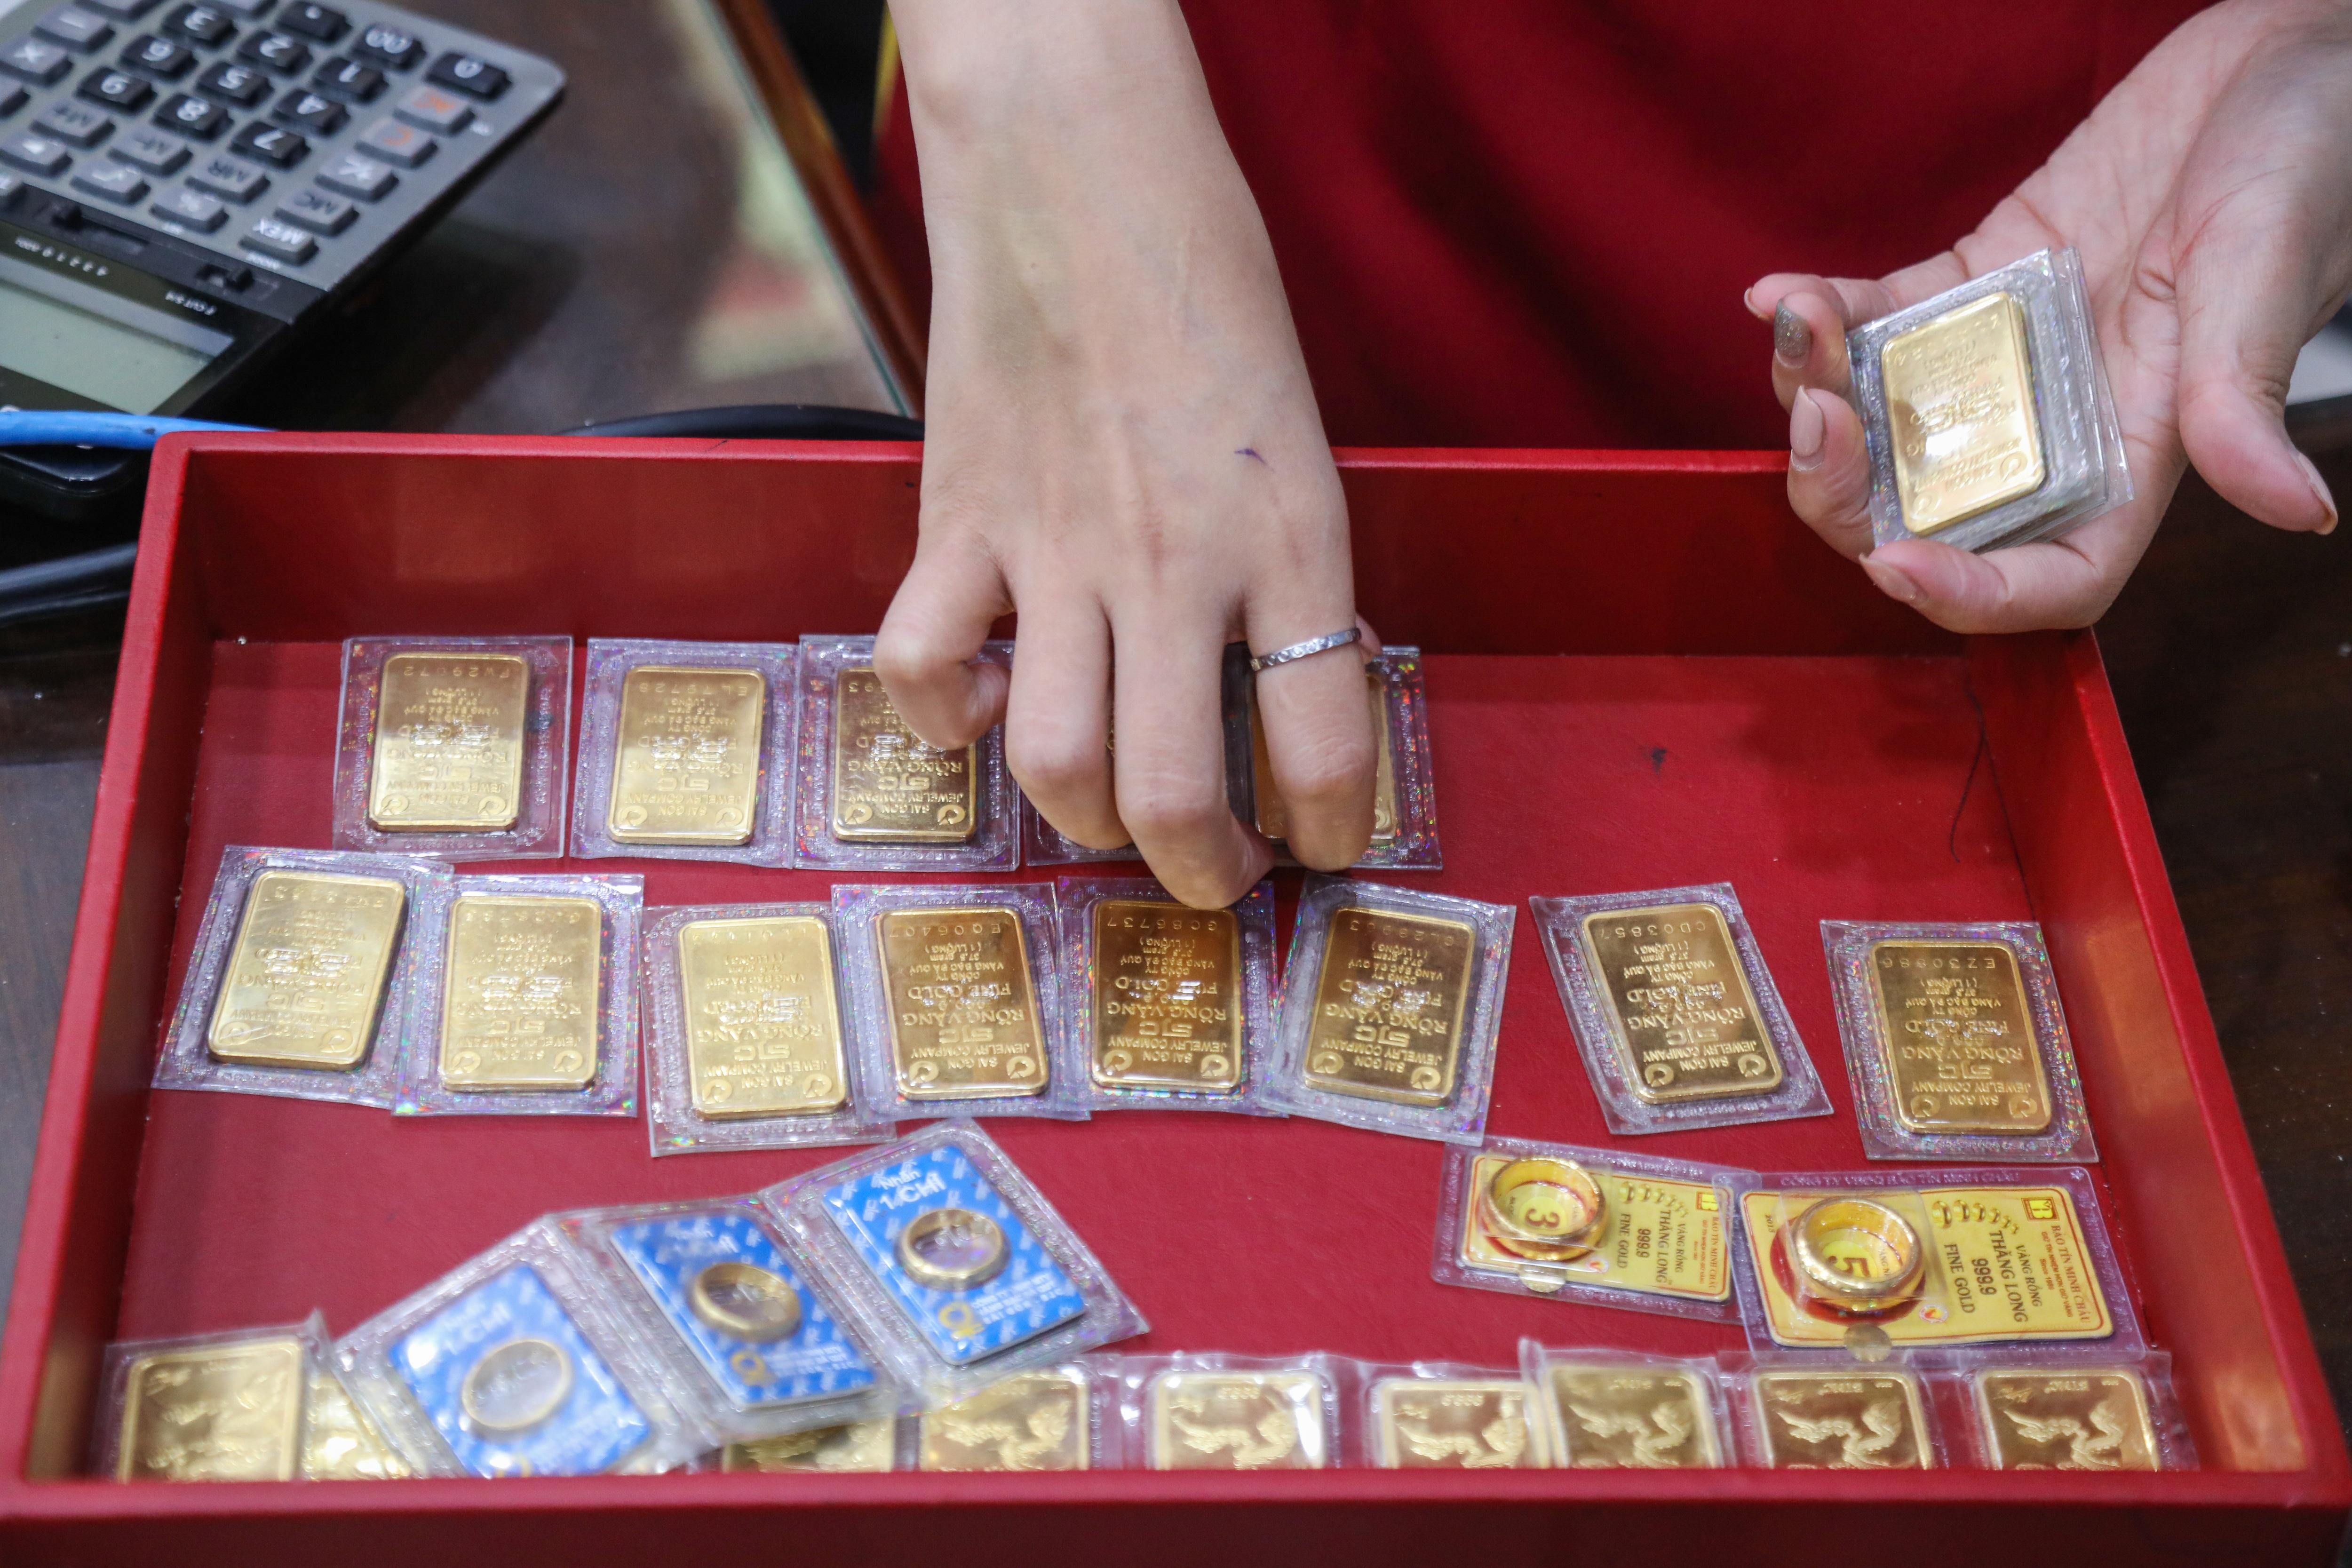 Giá vàng tăng trở lại, giới đầu tư dồn dập mua vào